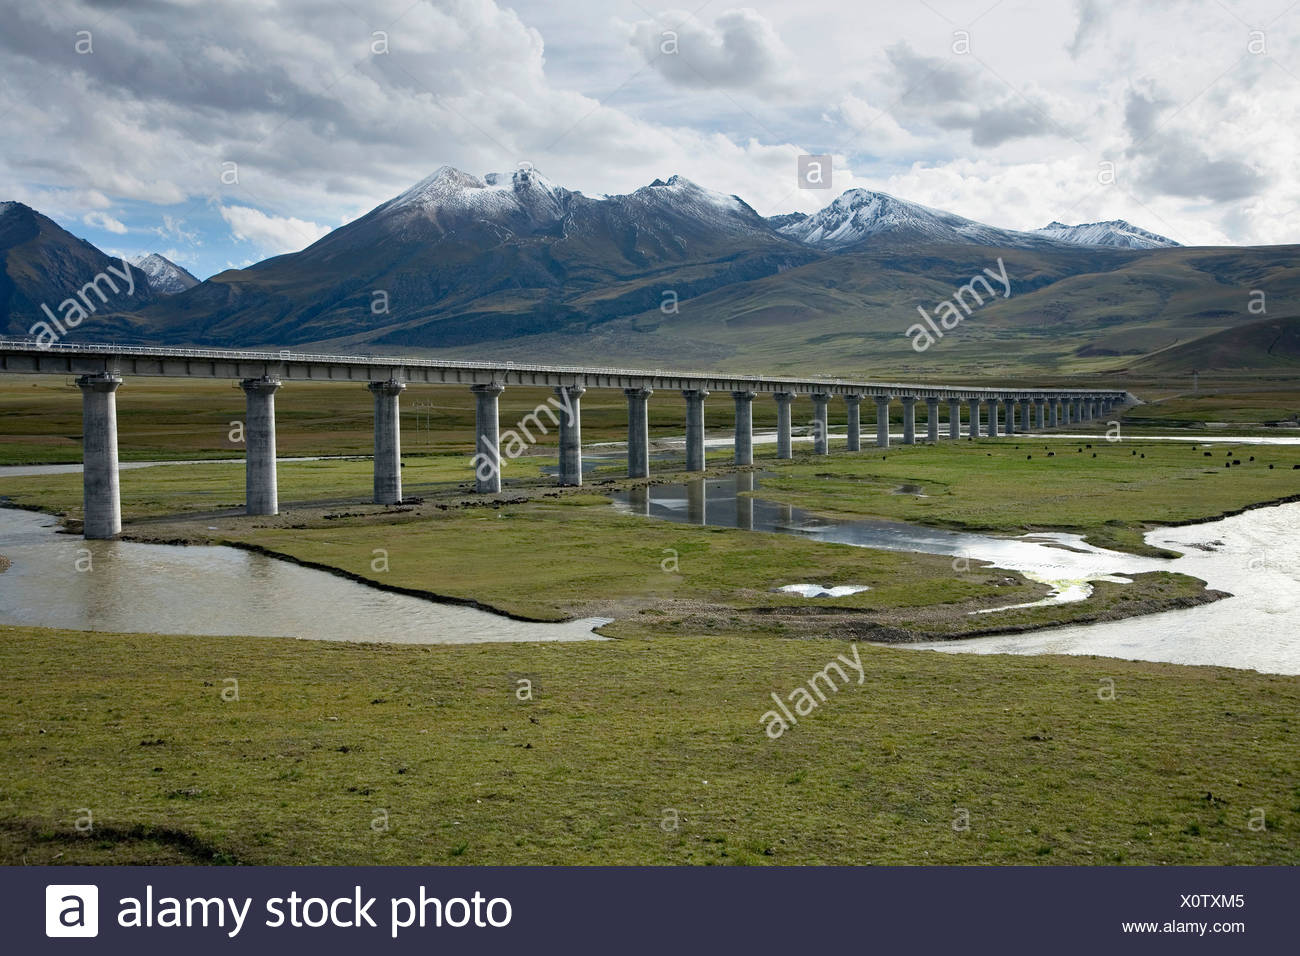 Qinghai-Tibet Railway Stock Photo